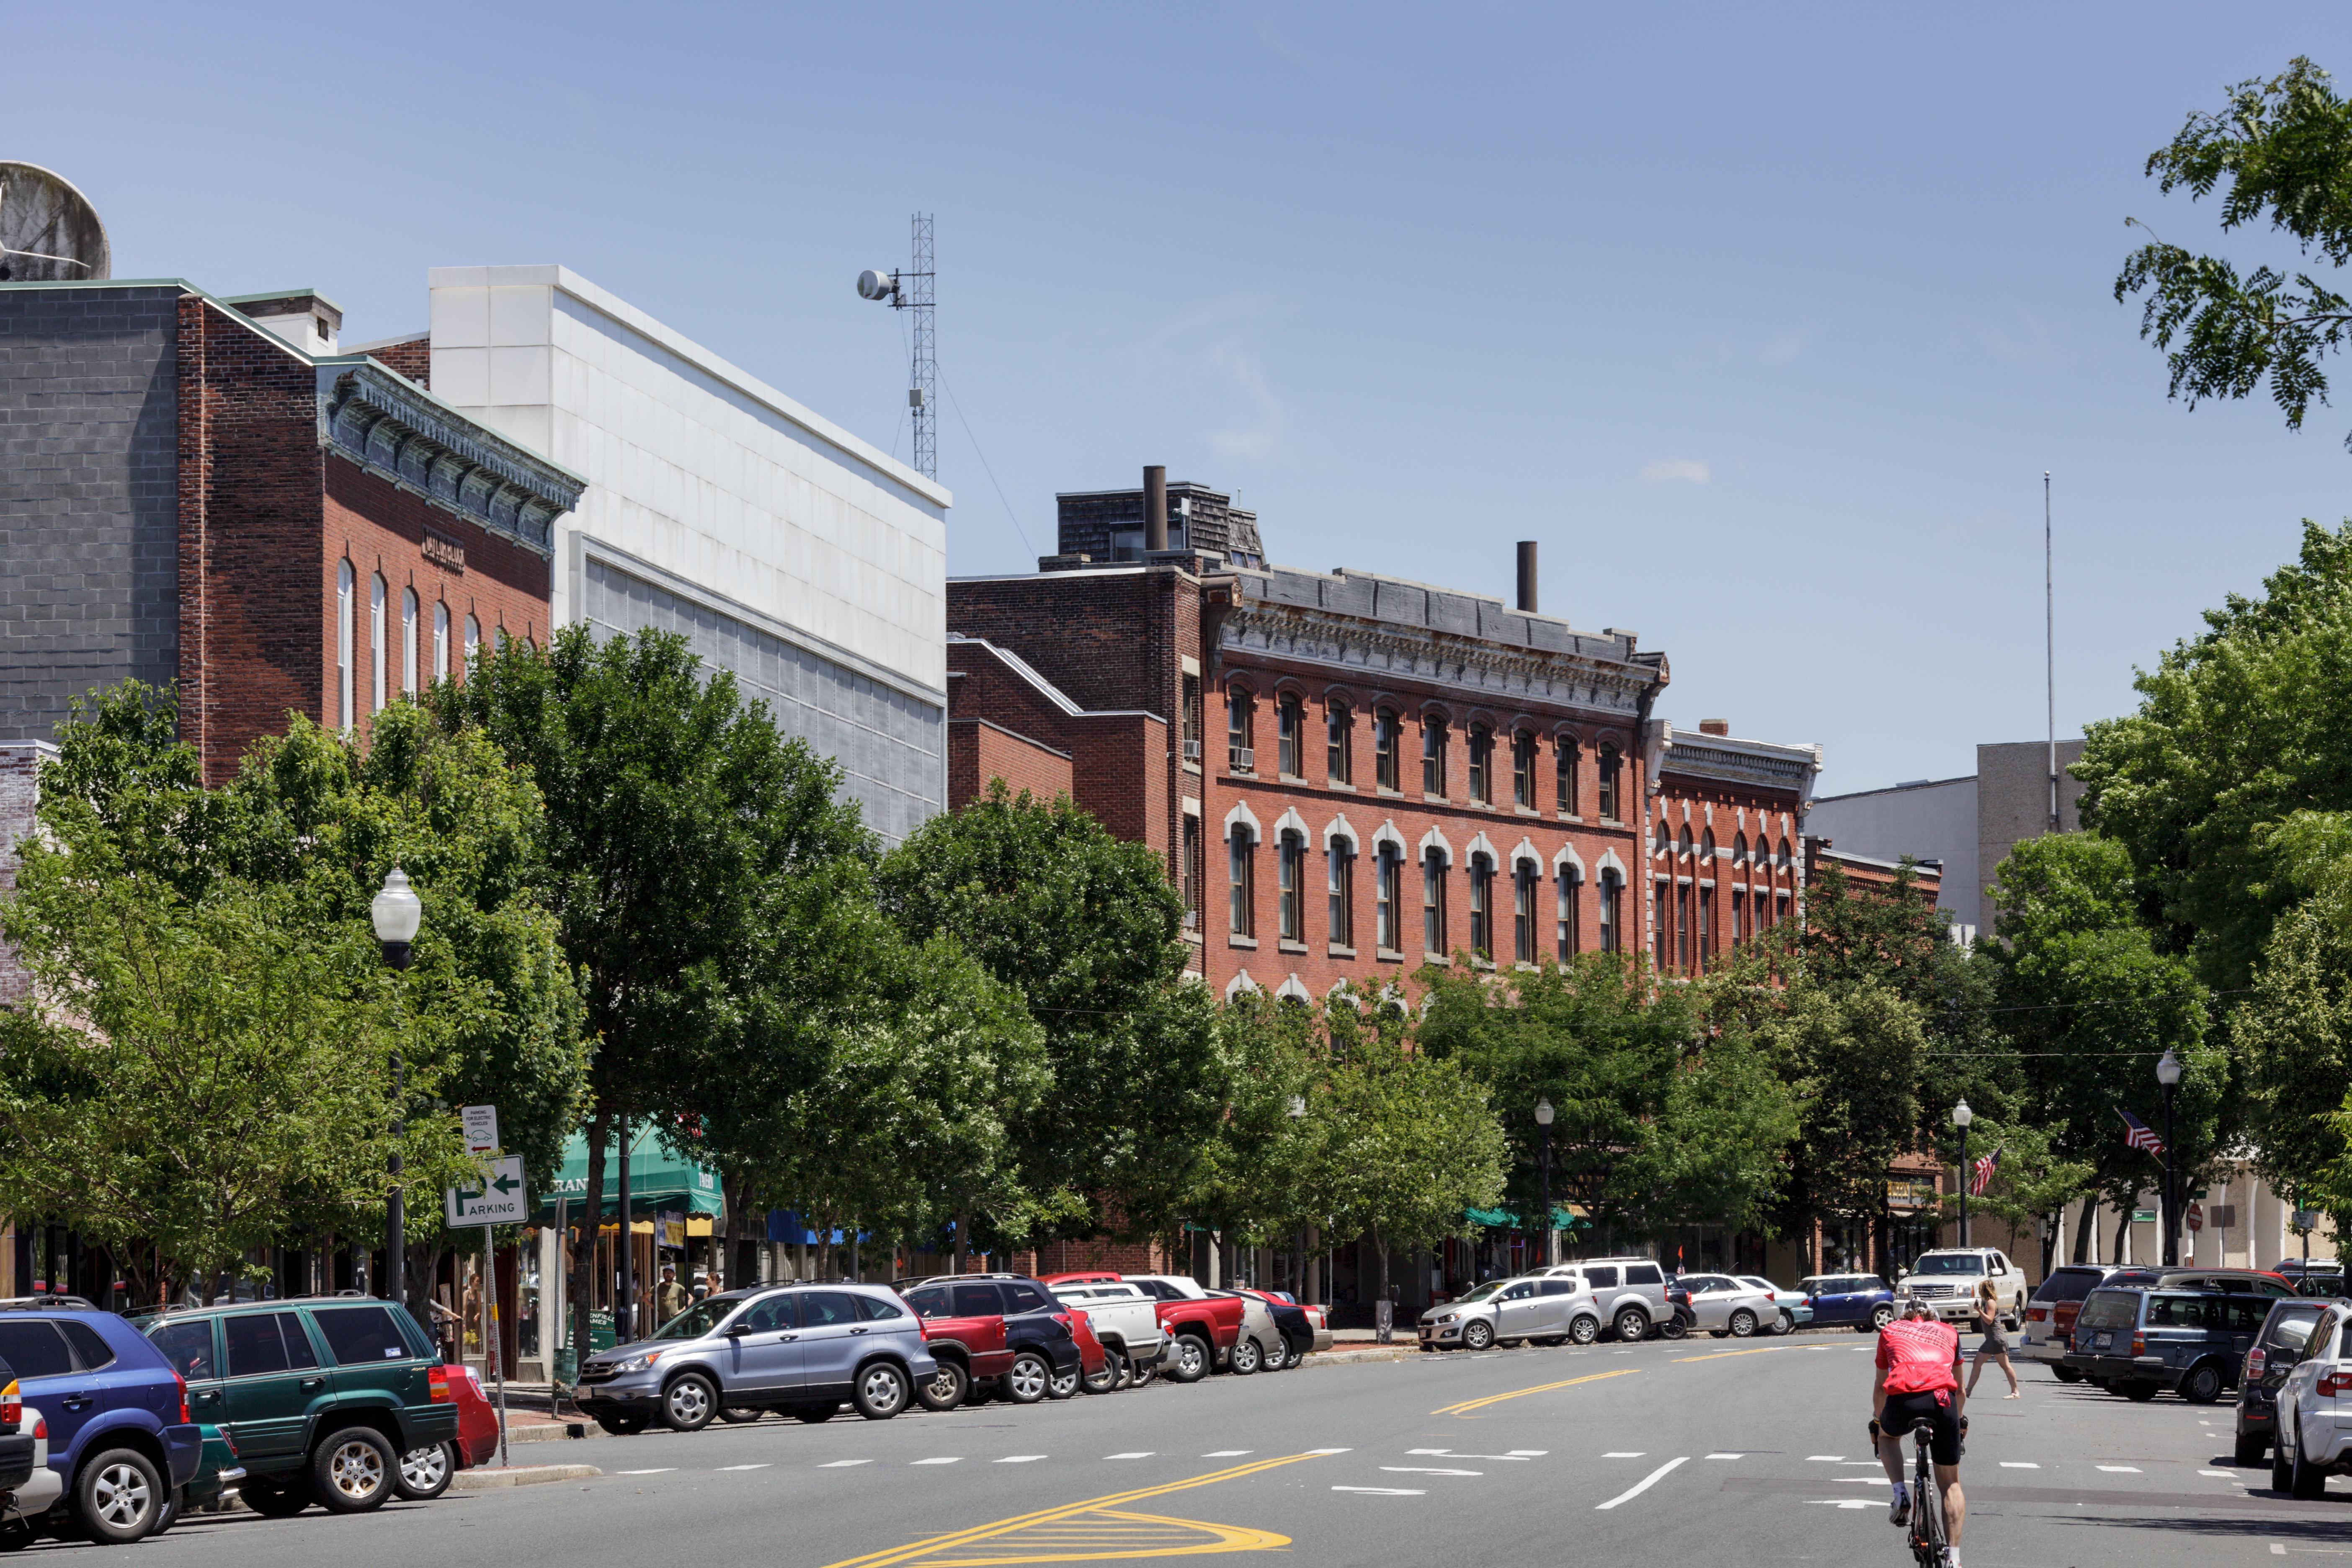 Downtown Greenfield Massachusetts